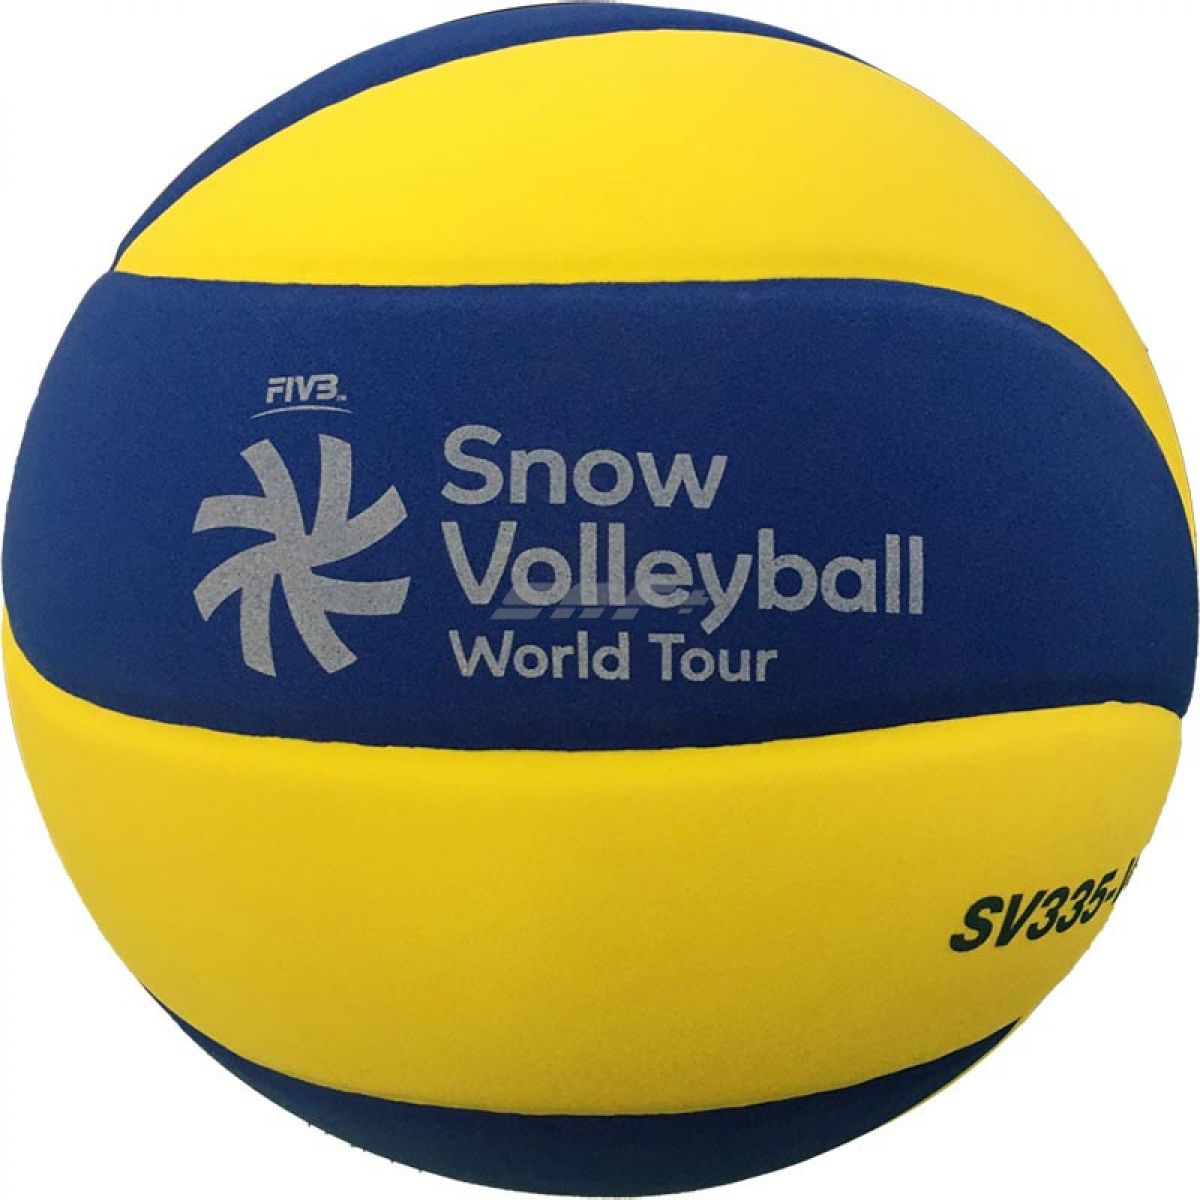 Мяч волейбольный Мяч для вол. на снегу